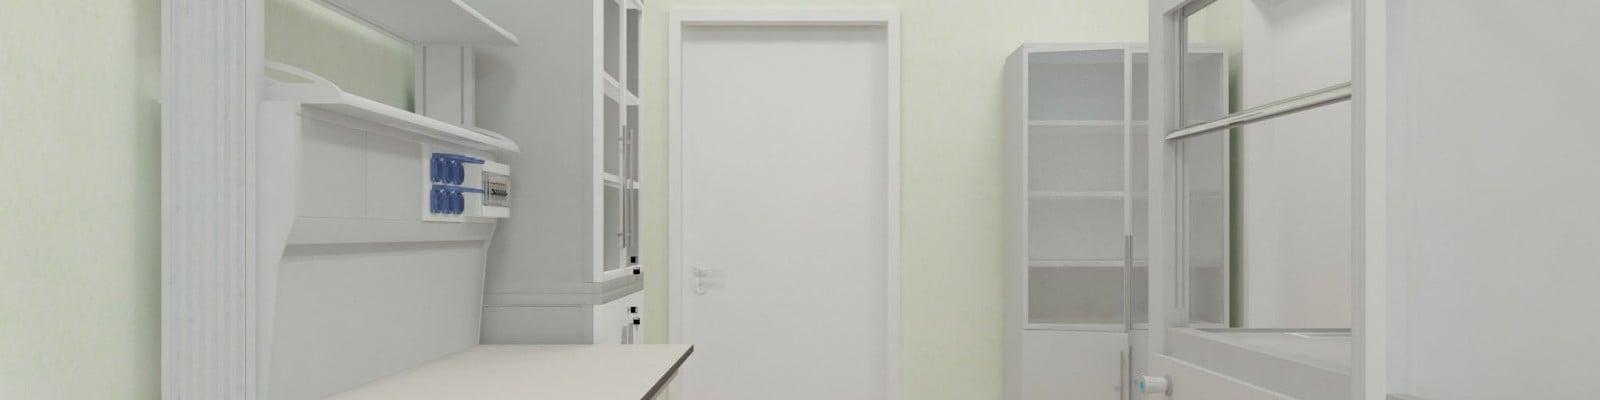 Современная лаборатория. Буклеты